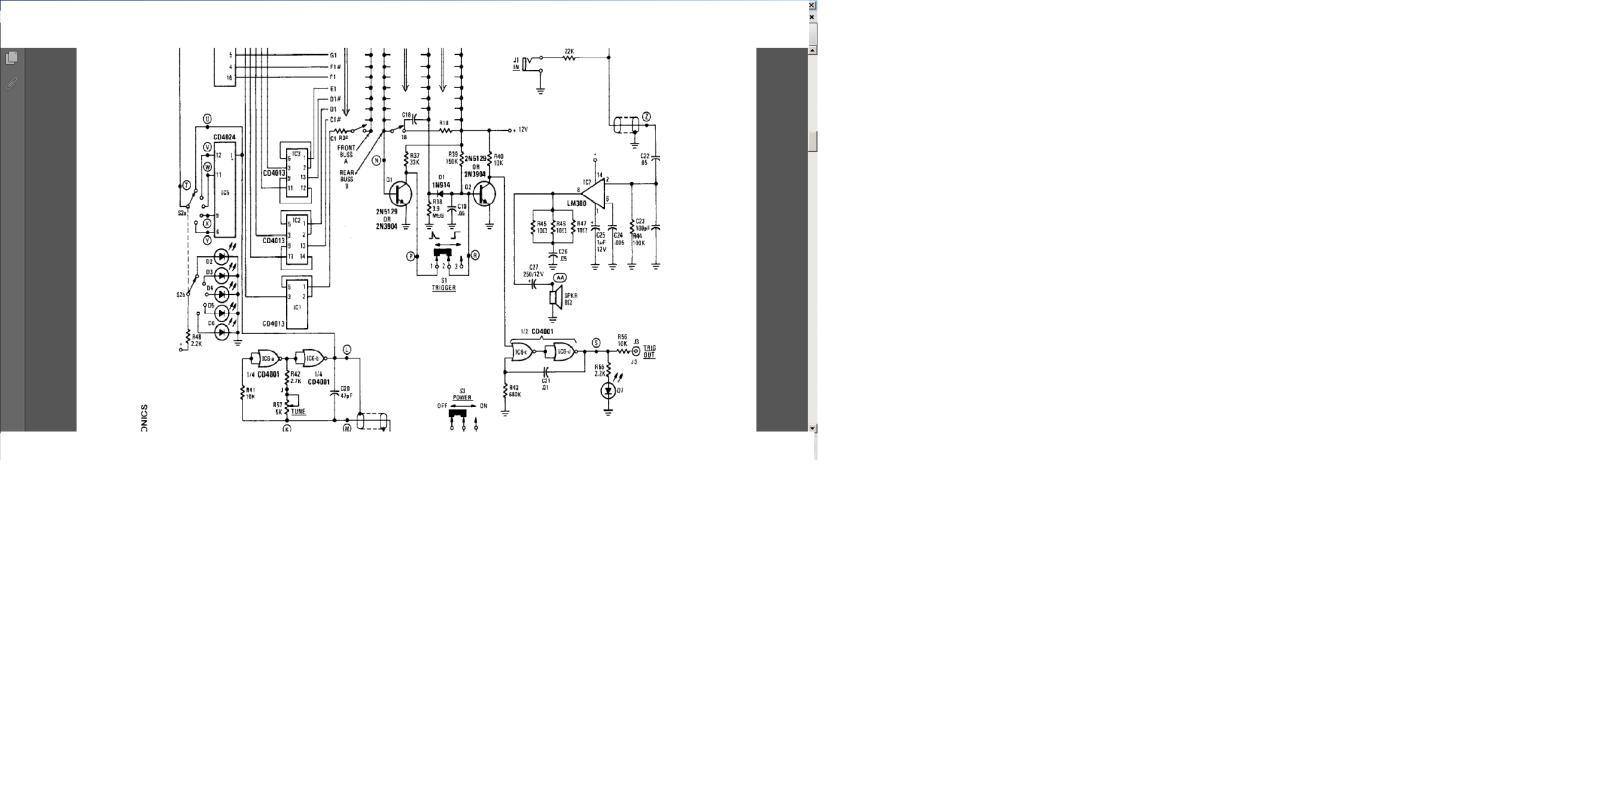 órgao eletronico com M208B1 2mcgmet